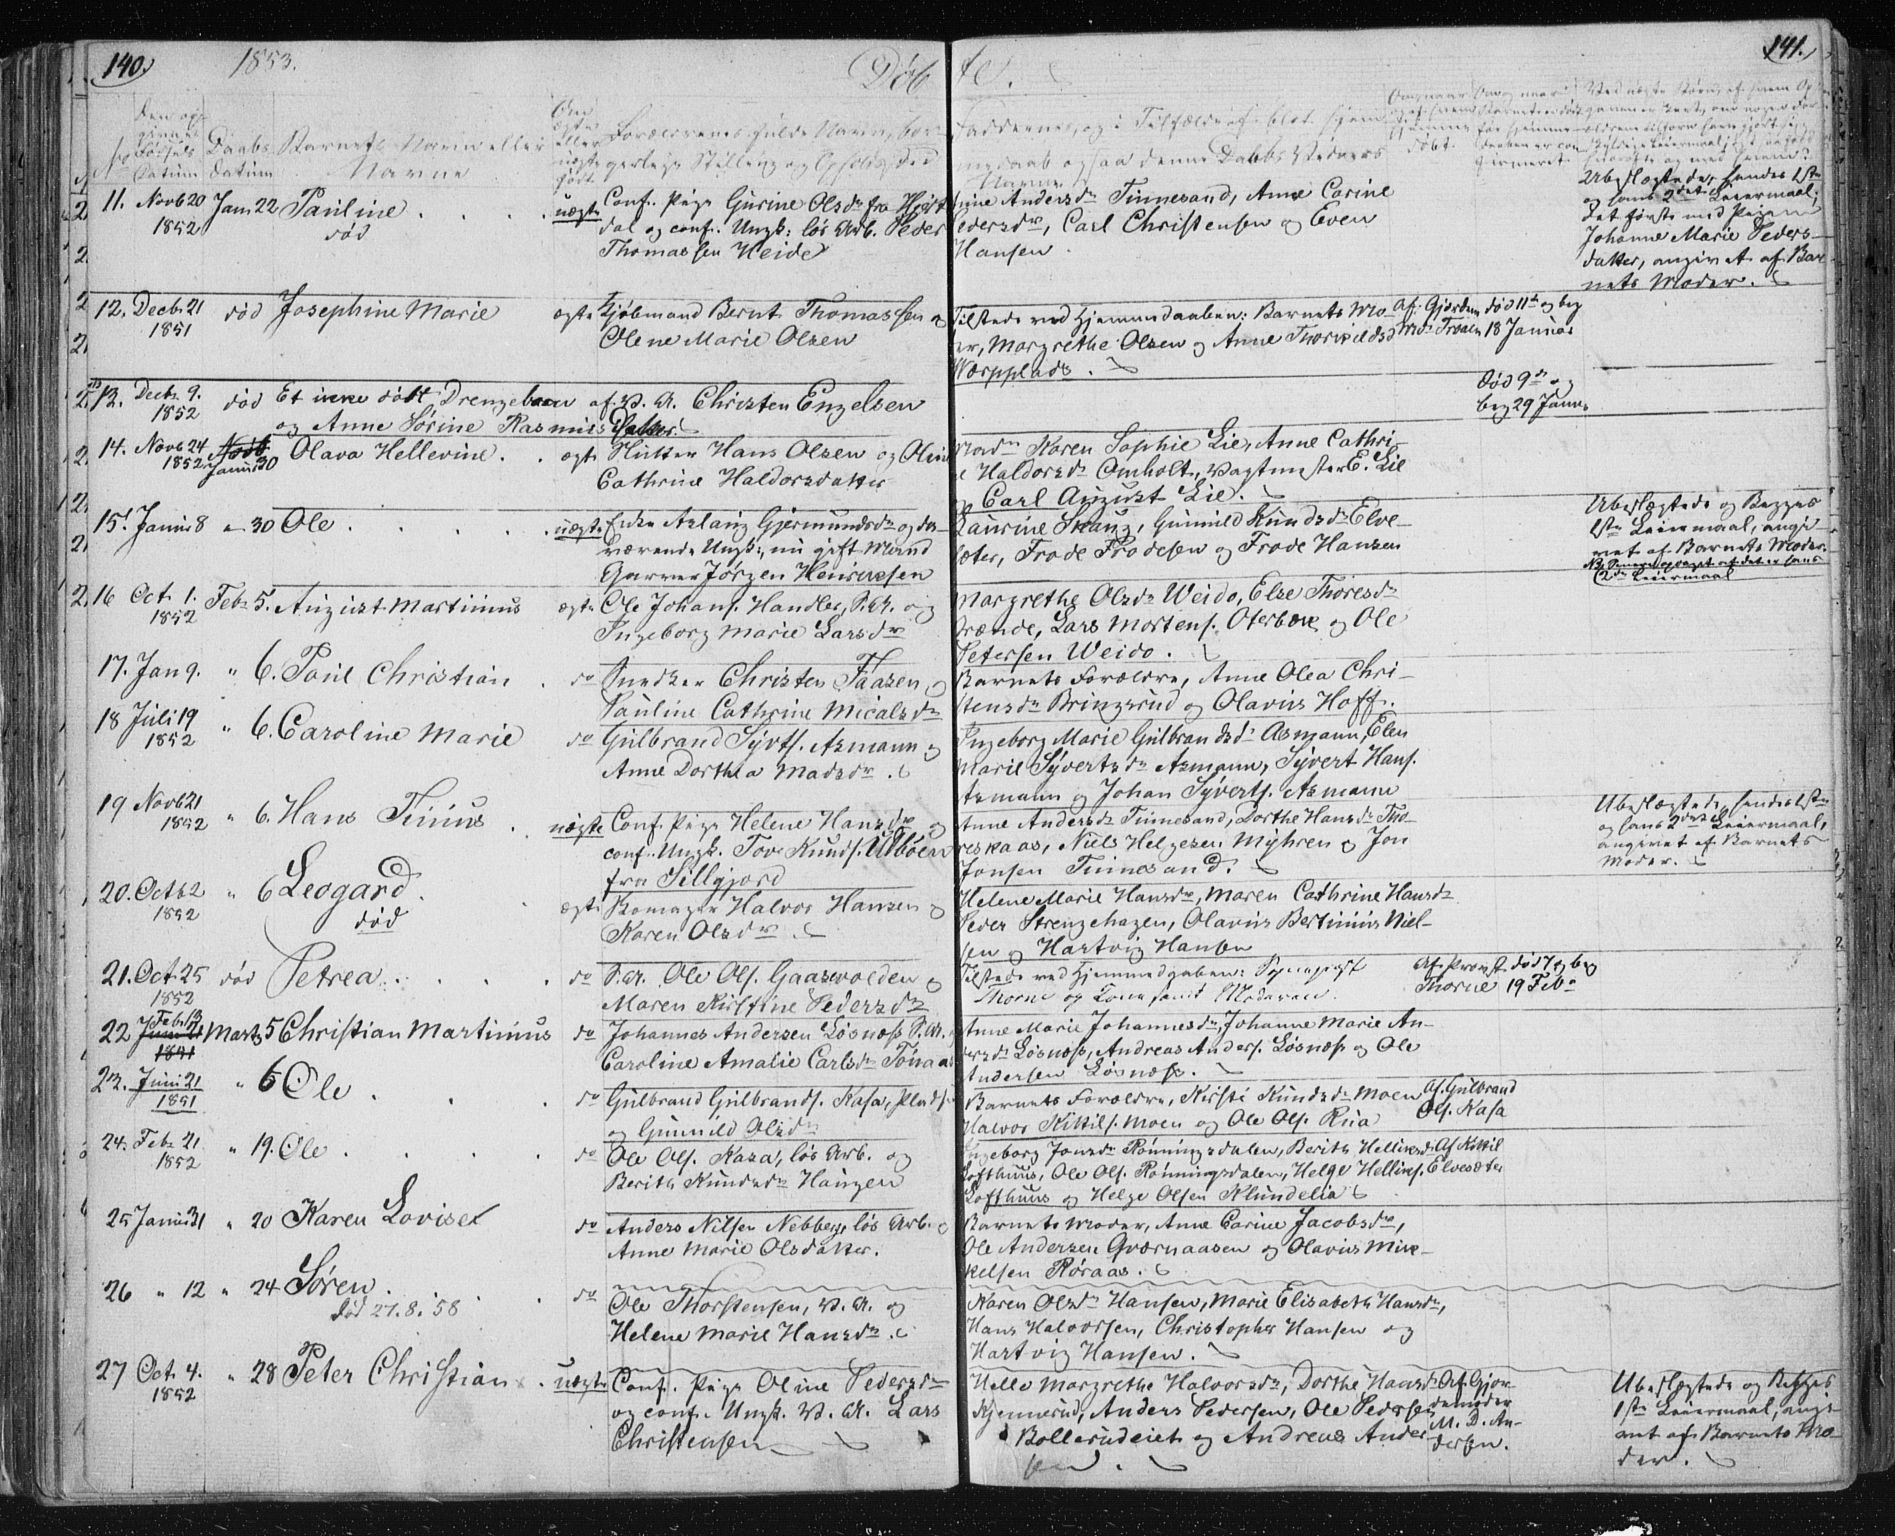 SAKO, Kongsberg kirkebøker, F/Fa/L0009: Ministerialbok nr. I 9, 1839-1858, s. 140-141